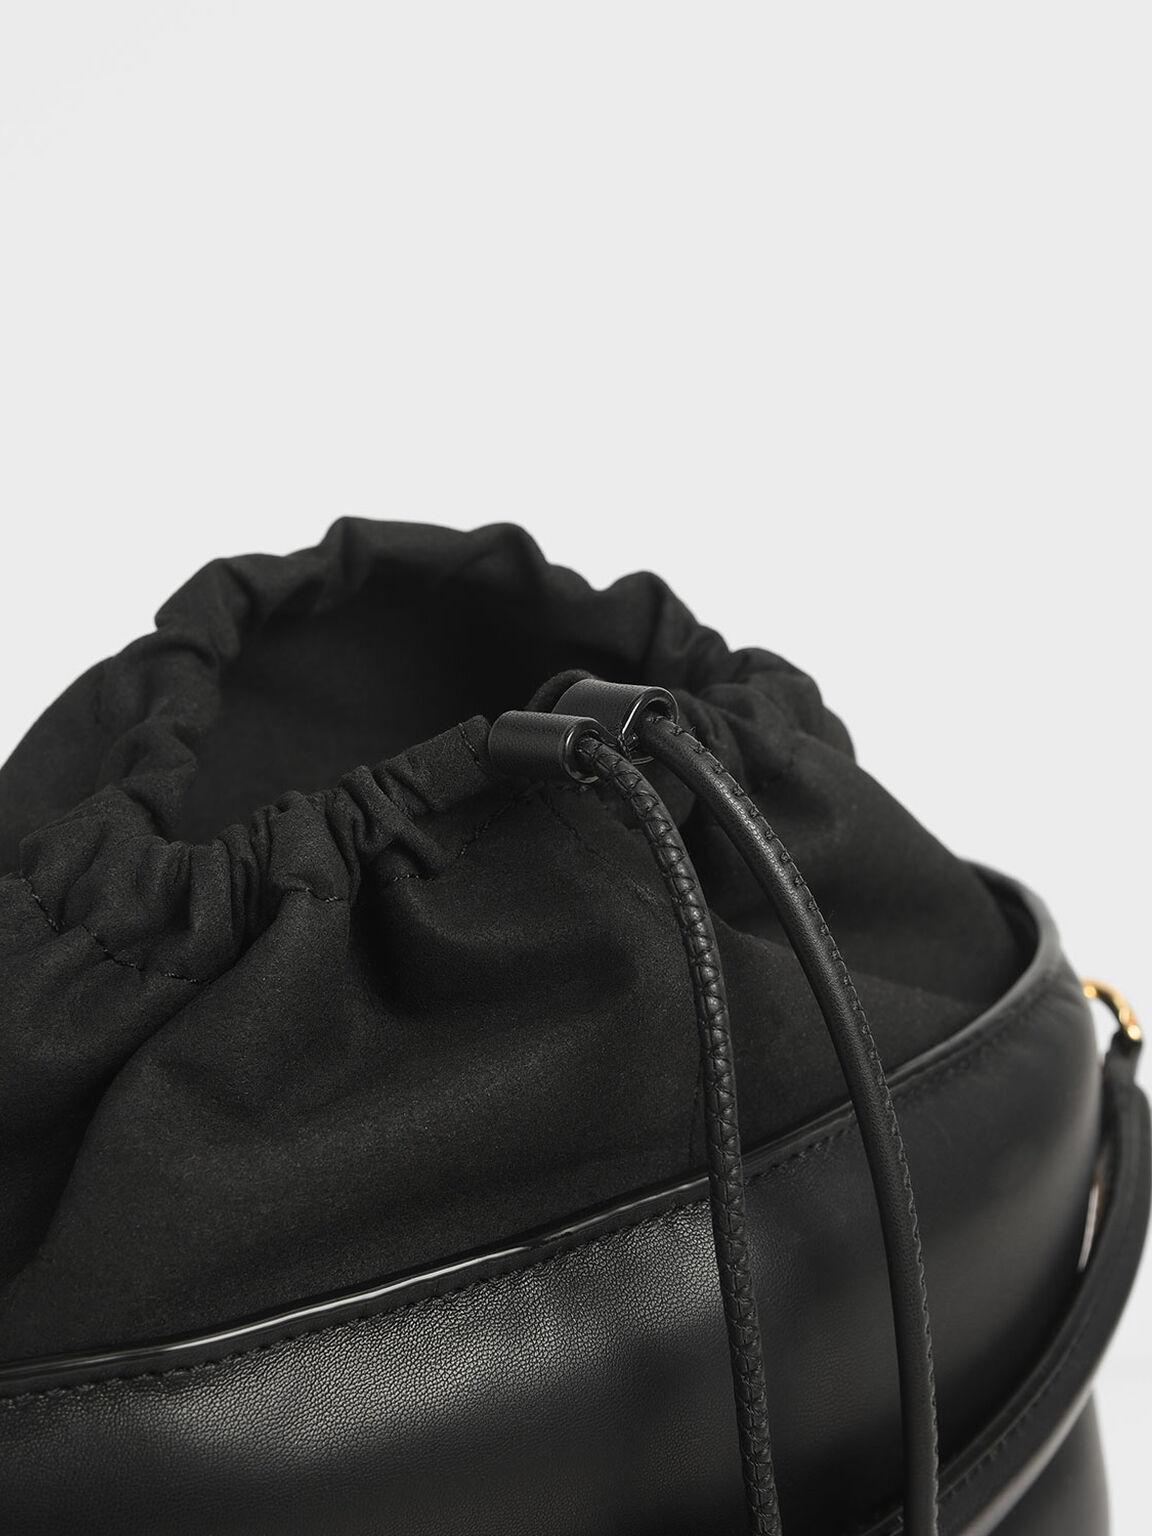 縫線水桶包, 黑色, hi-res